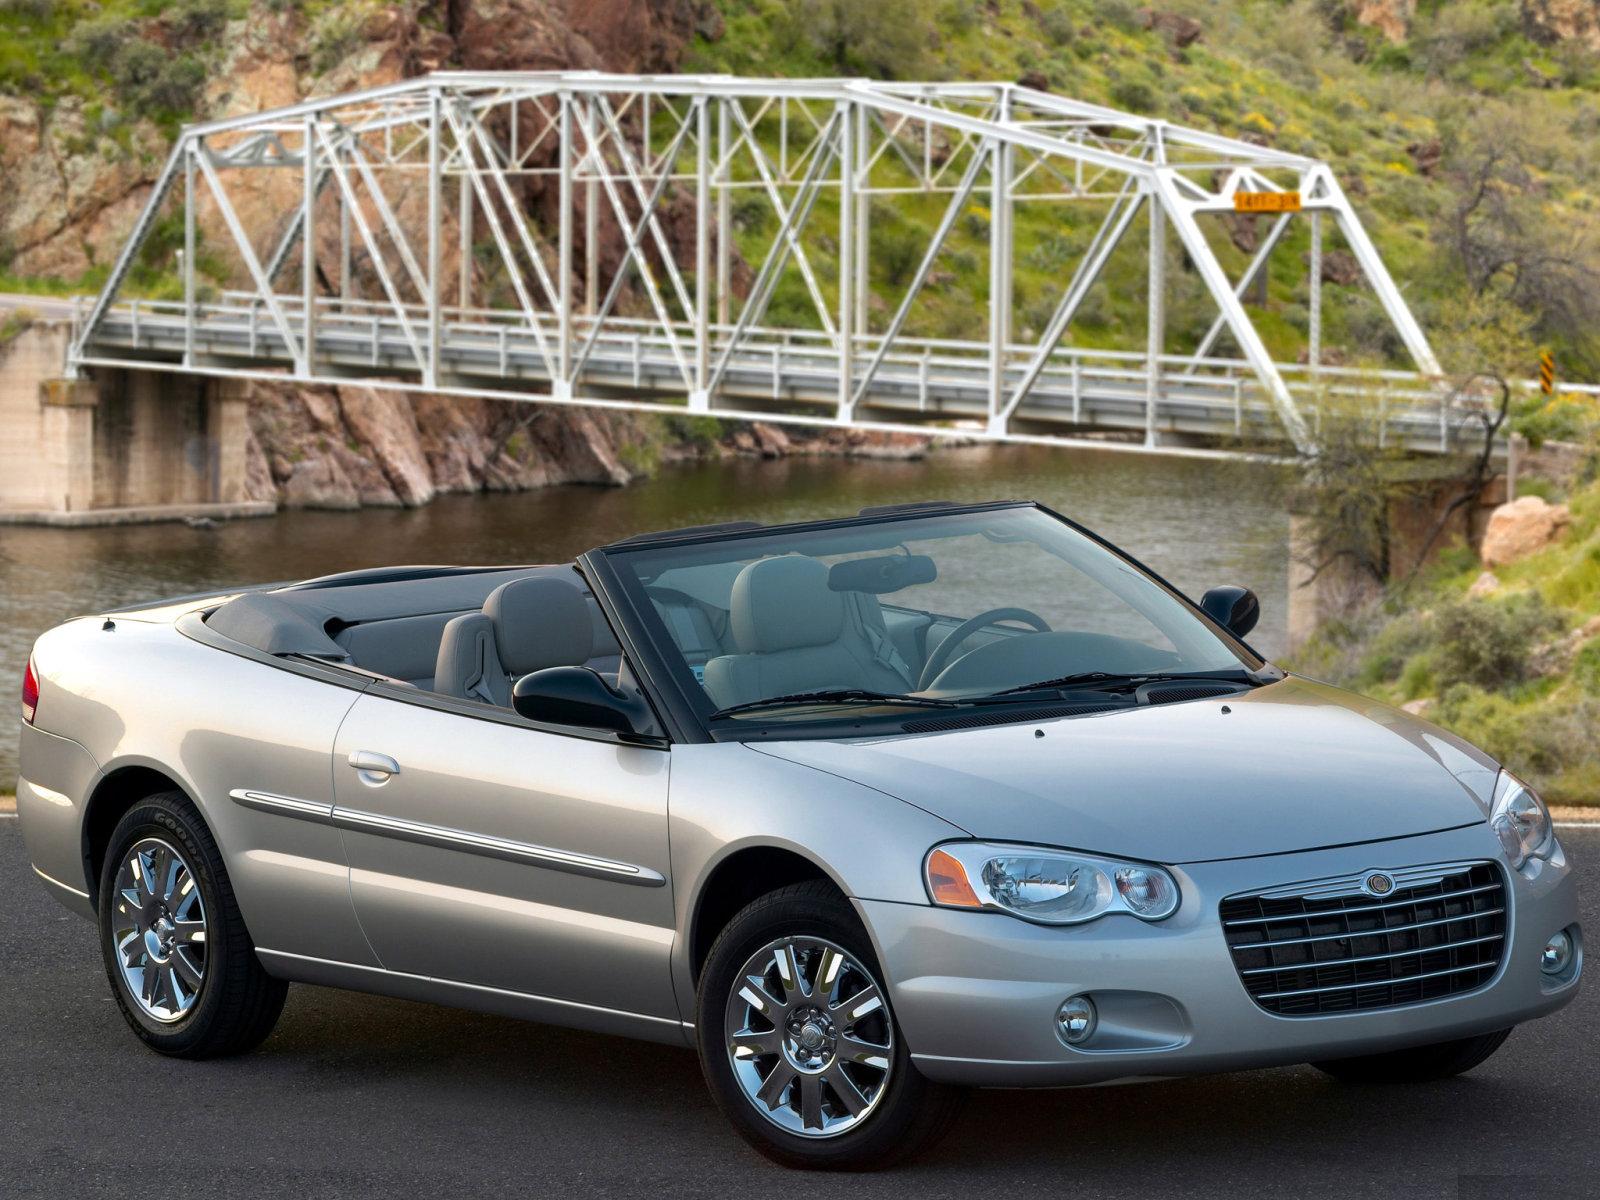 Chrysler (Крайслер) Sebring Cabrio 2003-2007 г.